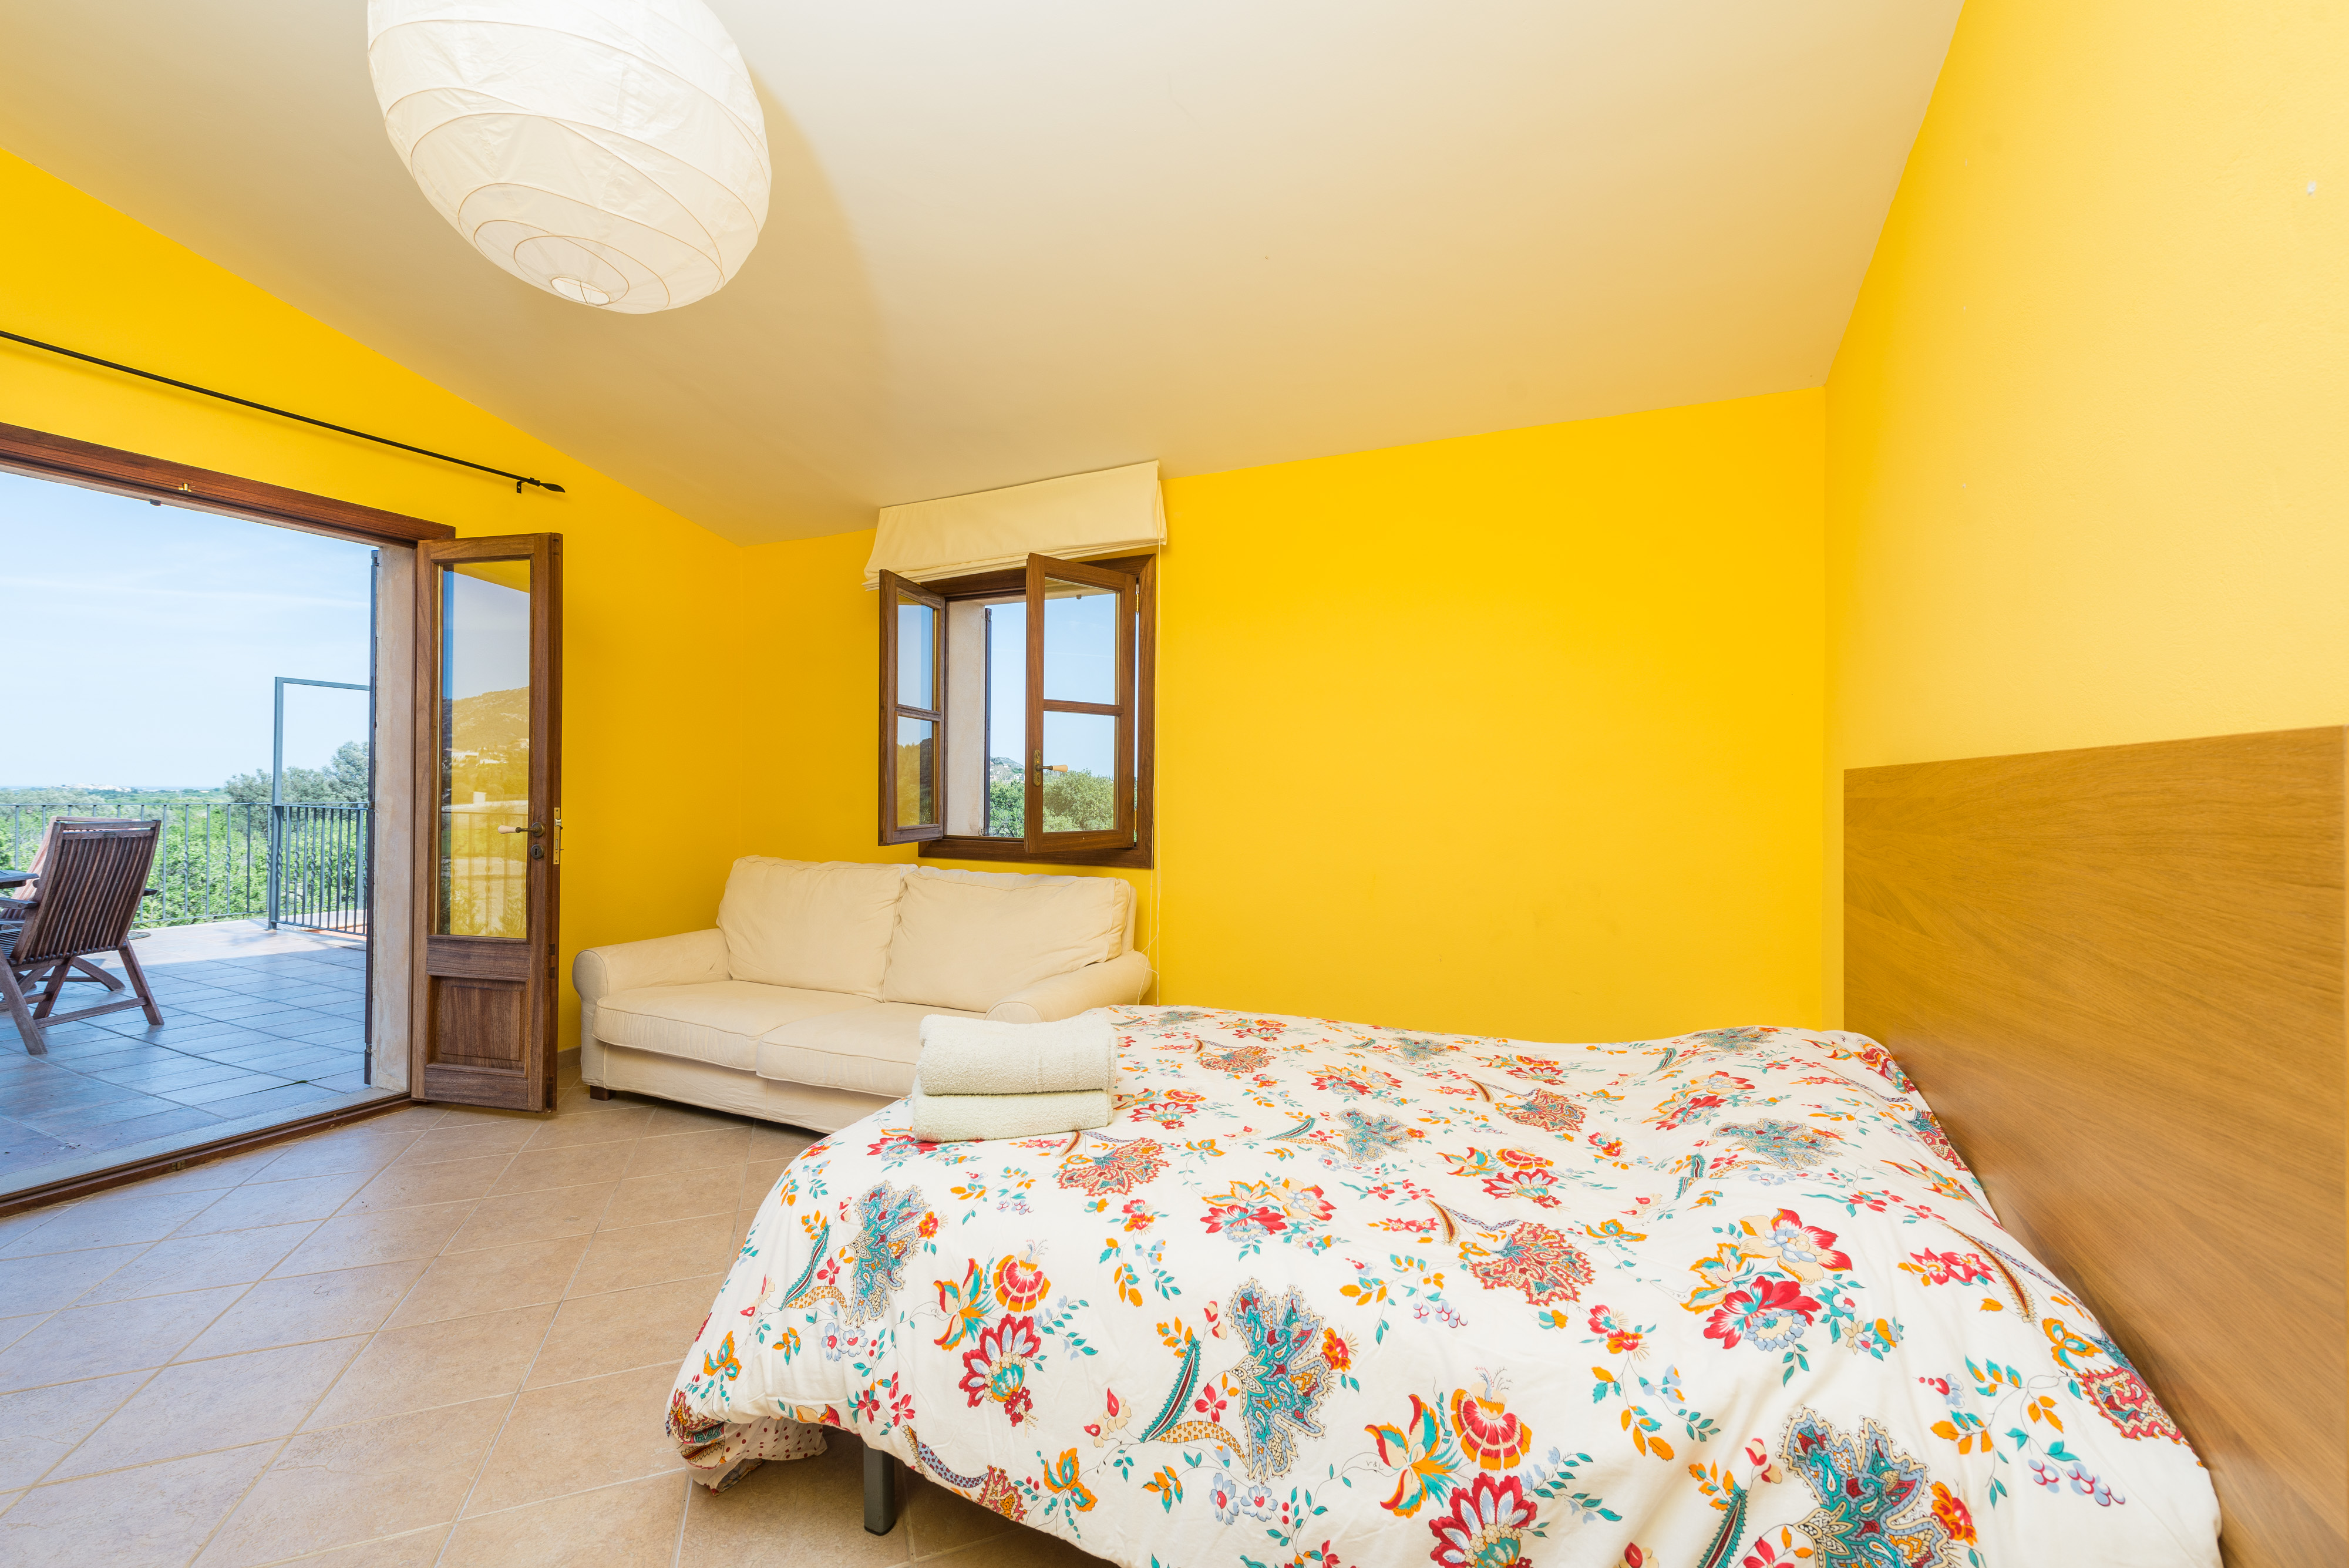 Ferienhaus BONA VIDA (1956241), Selva (ES), Mallorca, Balearische Inseln, Spanien, Bild 19